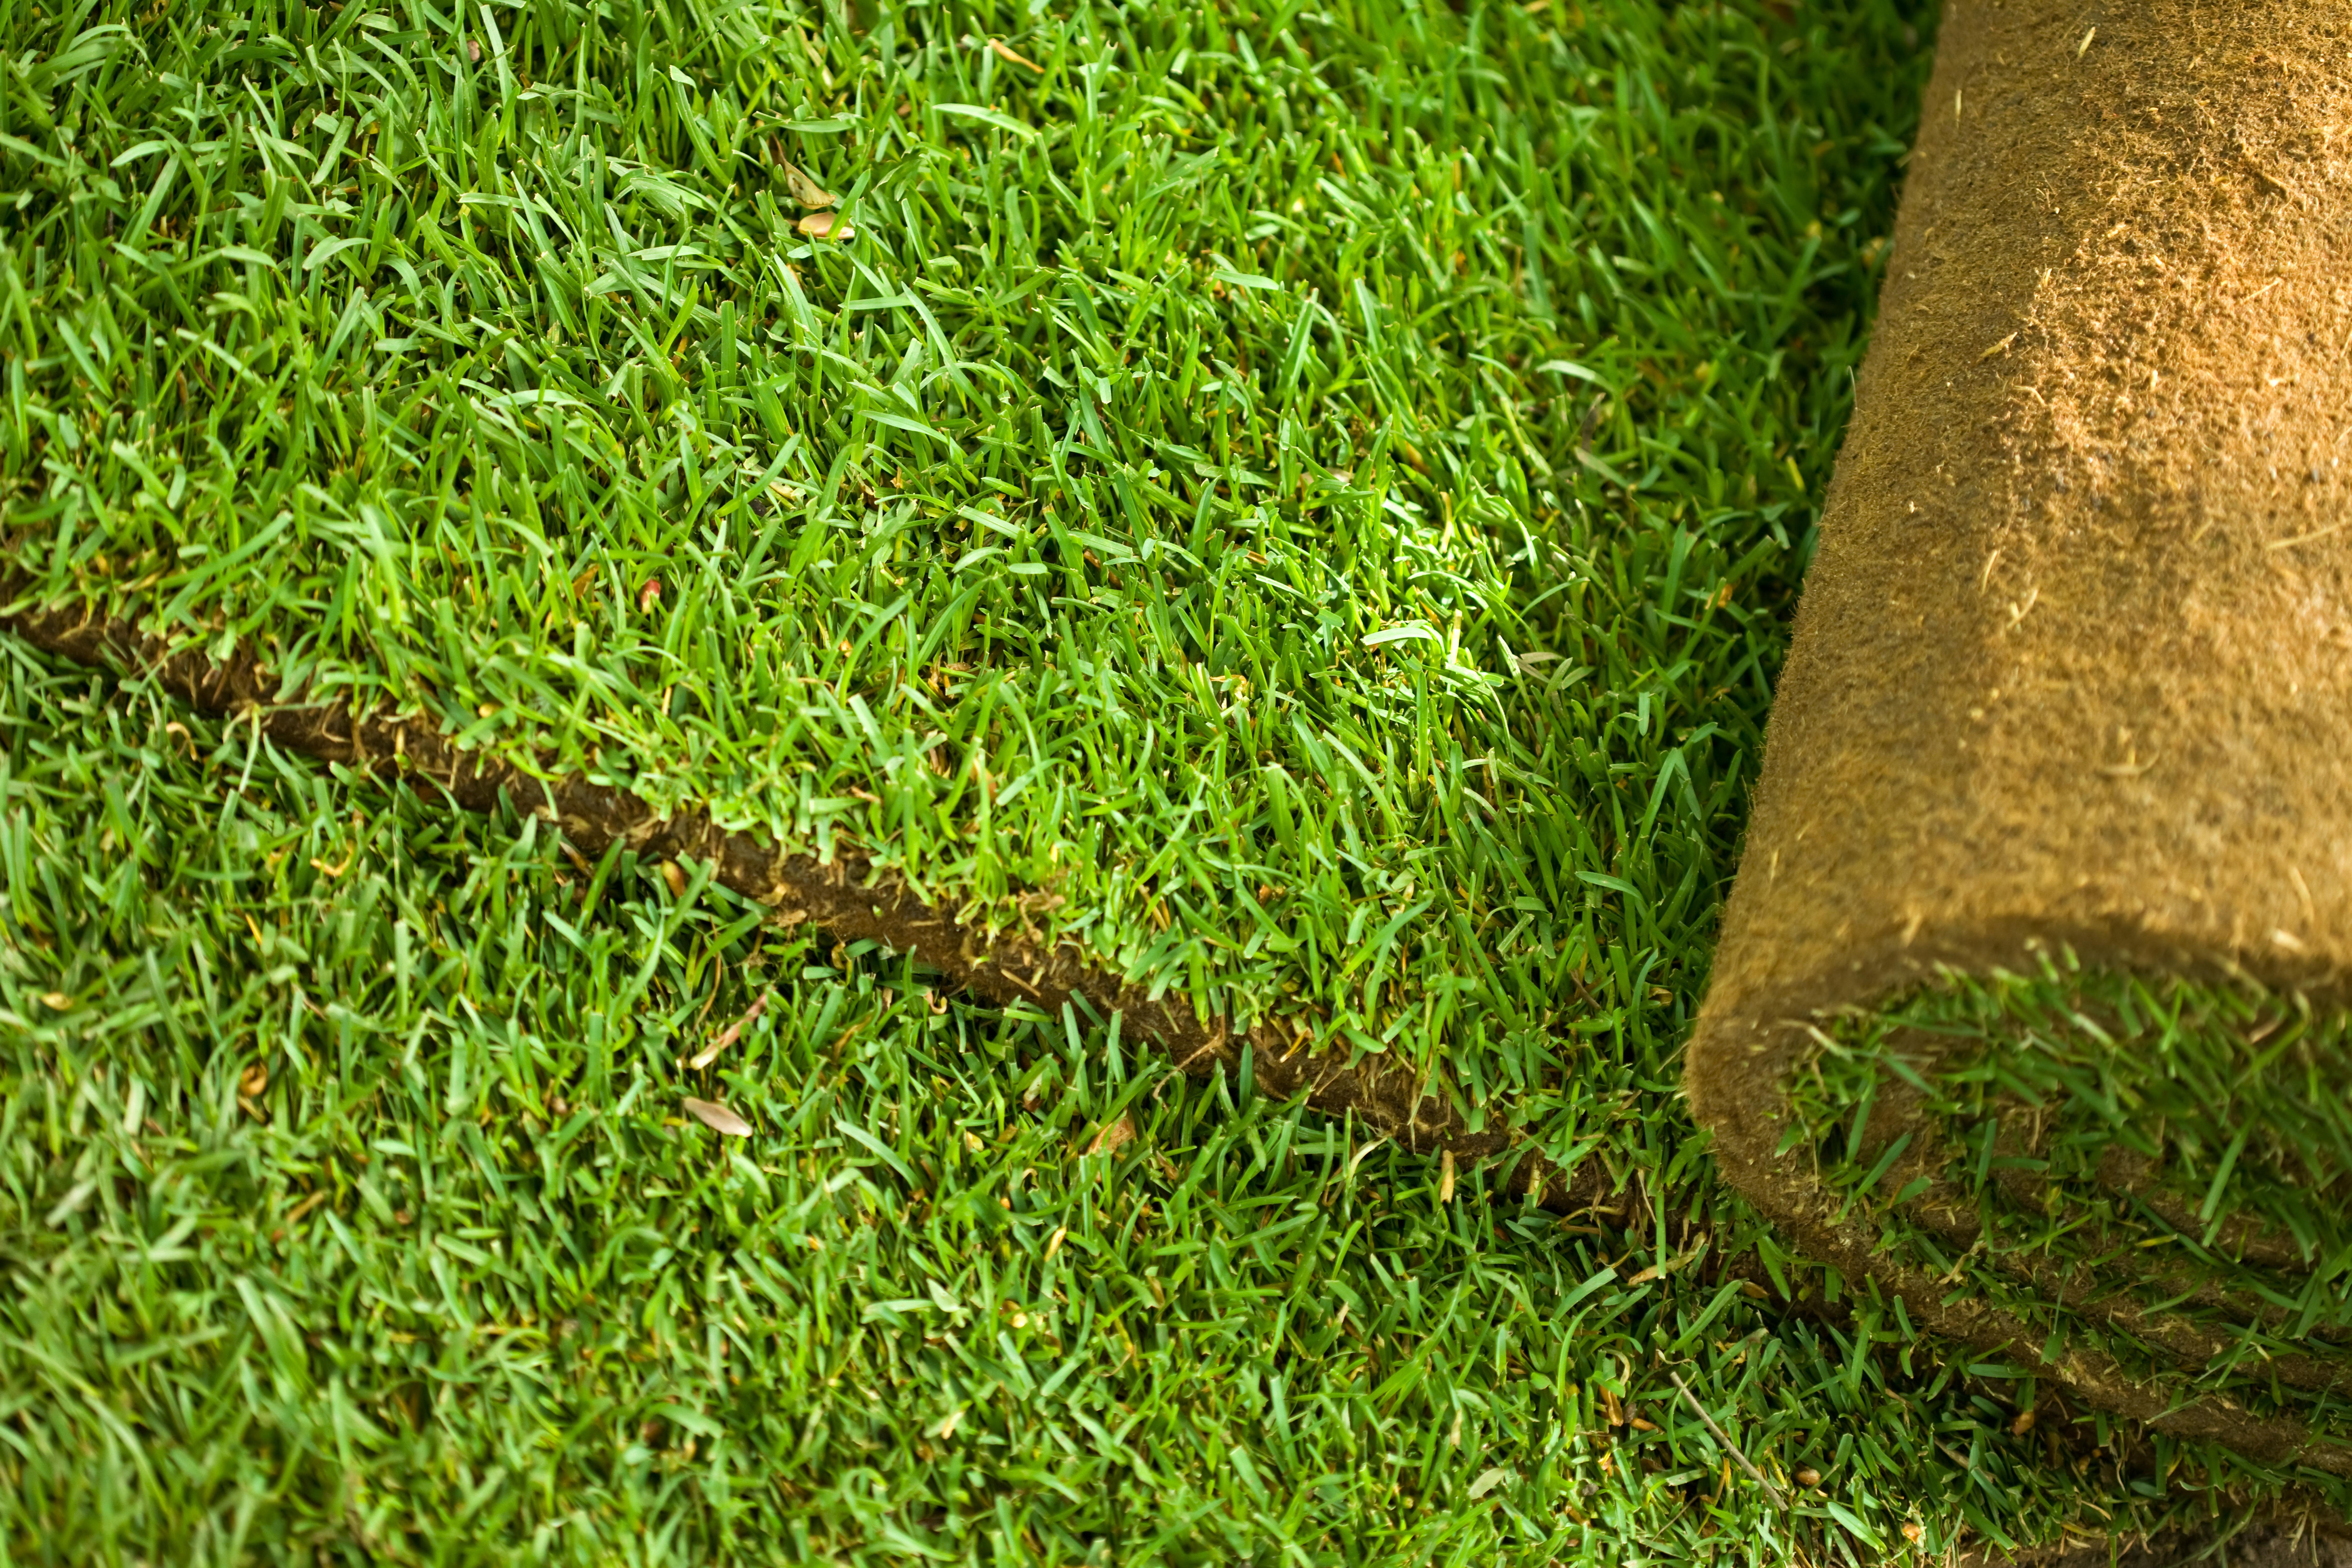 Ontdek onze graszoden voor scherpe prijzen in tuincentrum Schmitz